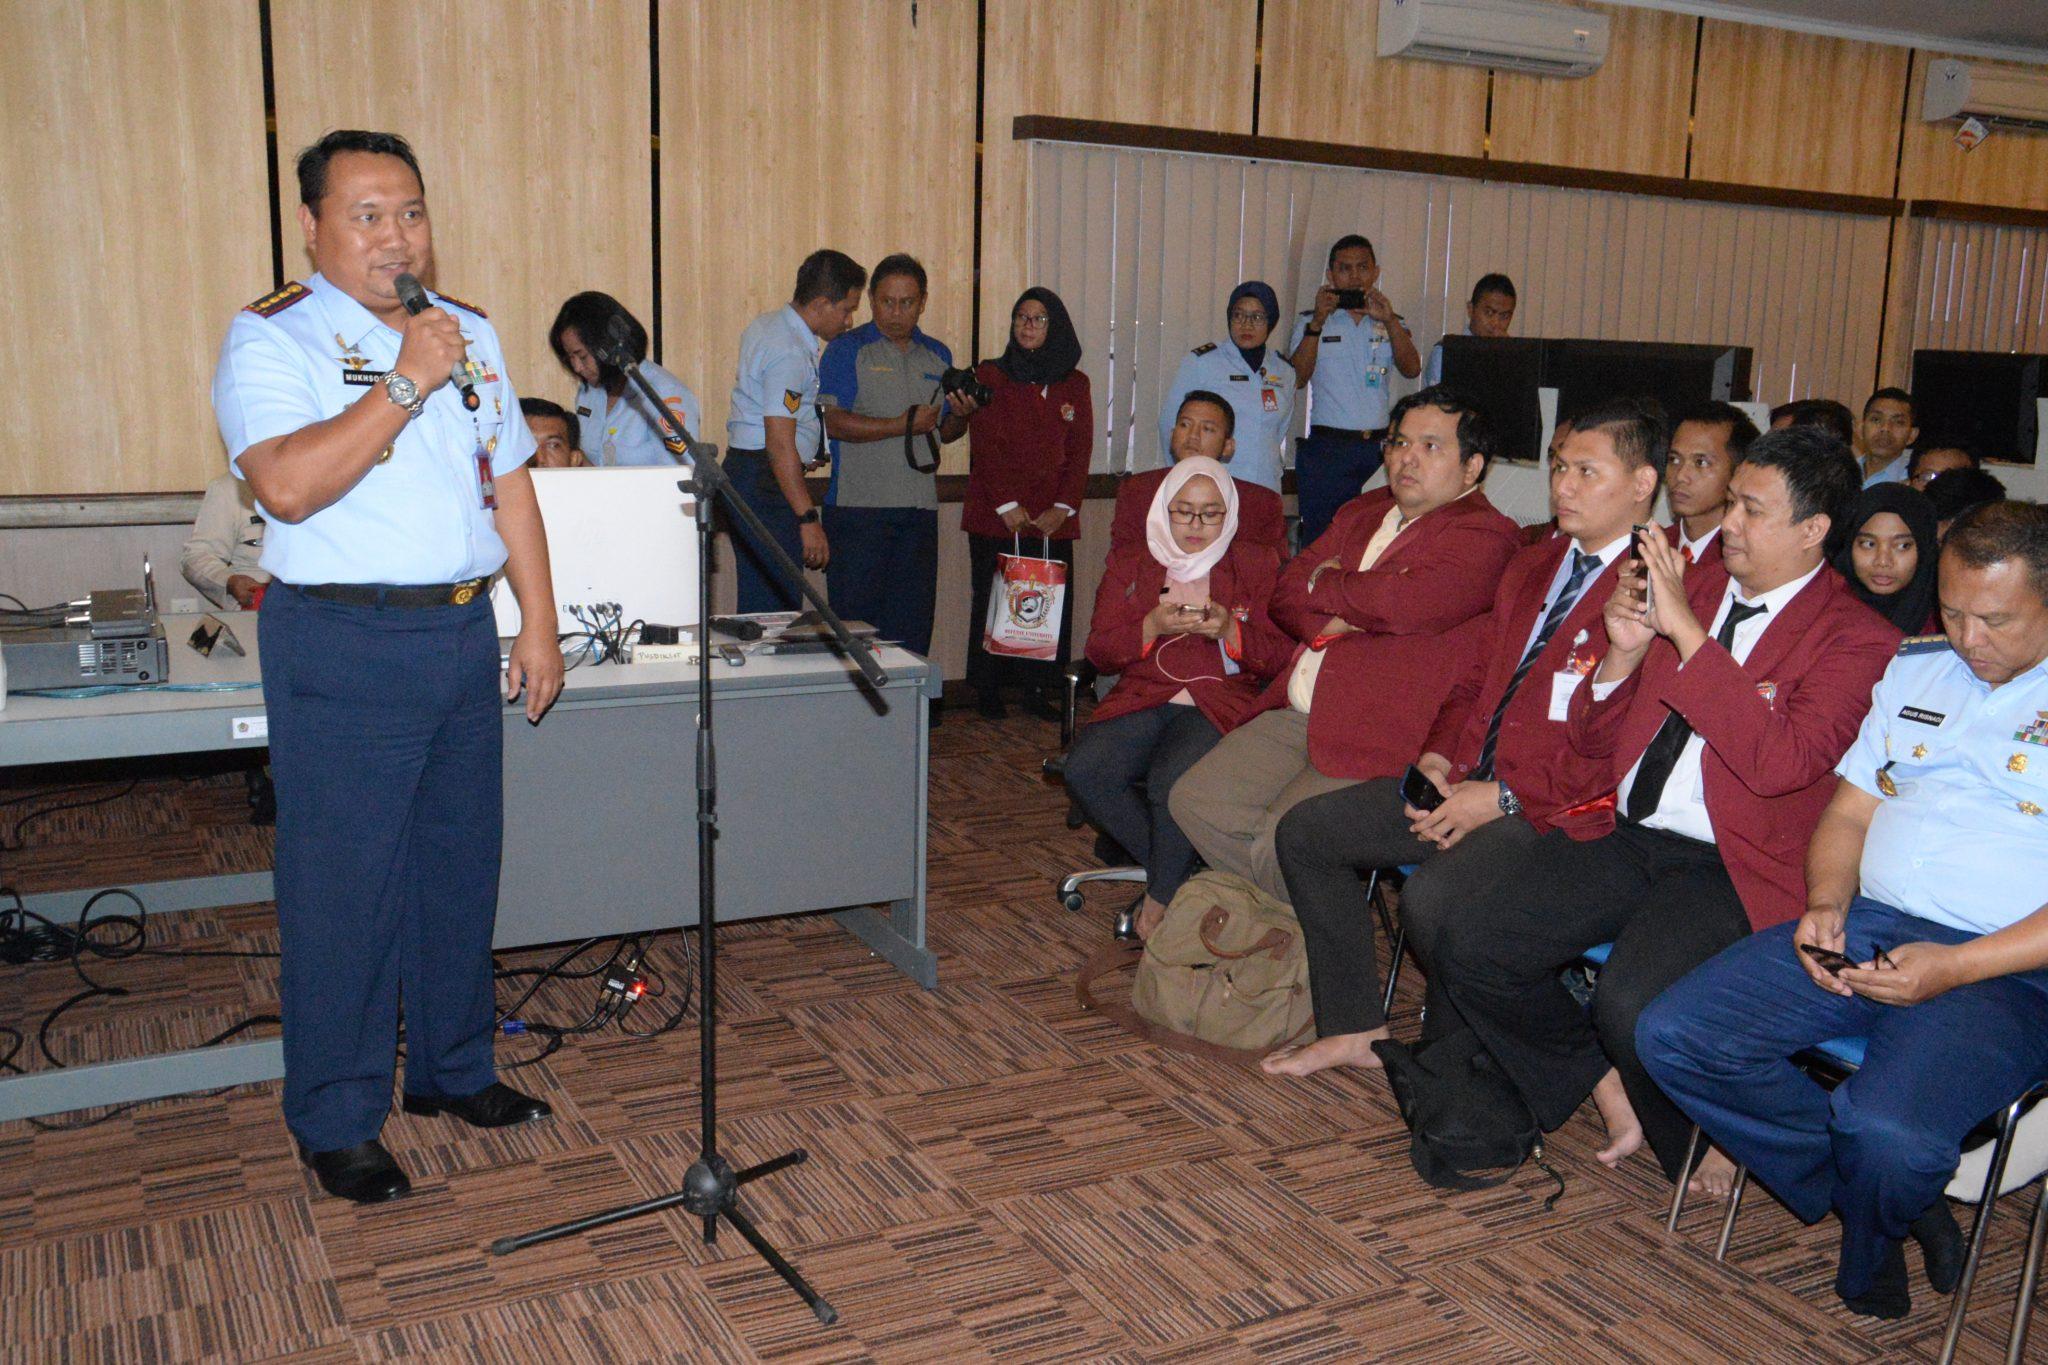 Kunjungan Fakultas Teknologi Pertahanan Universitas Pertahanan di Pusdiklat Hanudnas Surabaya